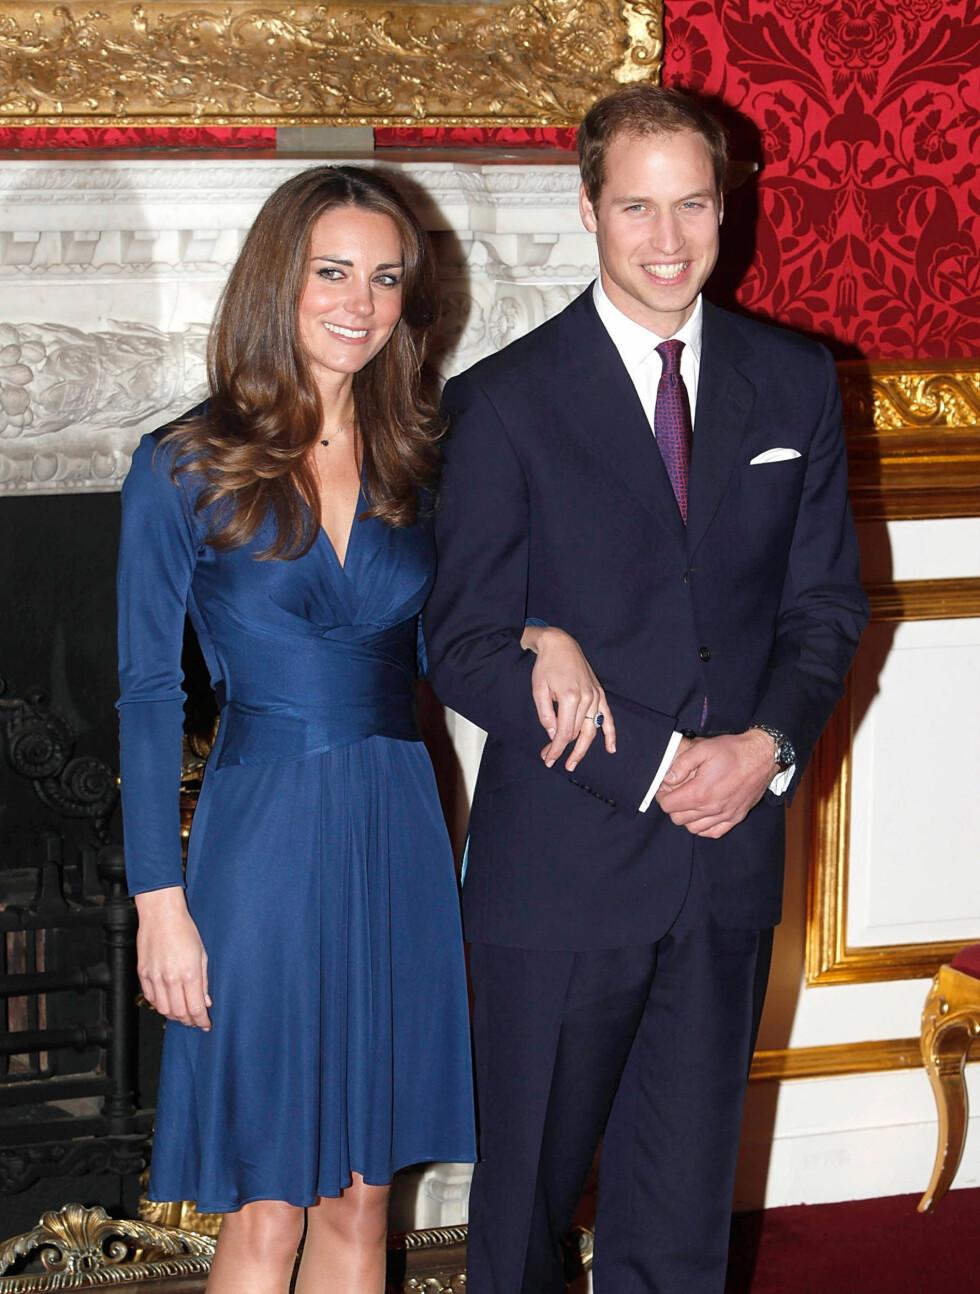 <strong>KLARE FOR DEN STORE DAGEN:</strong> Fredag er det endelig duket for kongelig bryllup mellom prins William og Kate Middleton i London. Foto: Stella Pictures